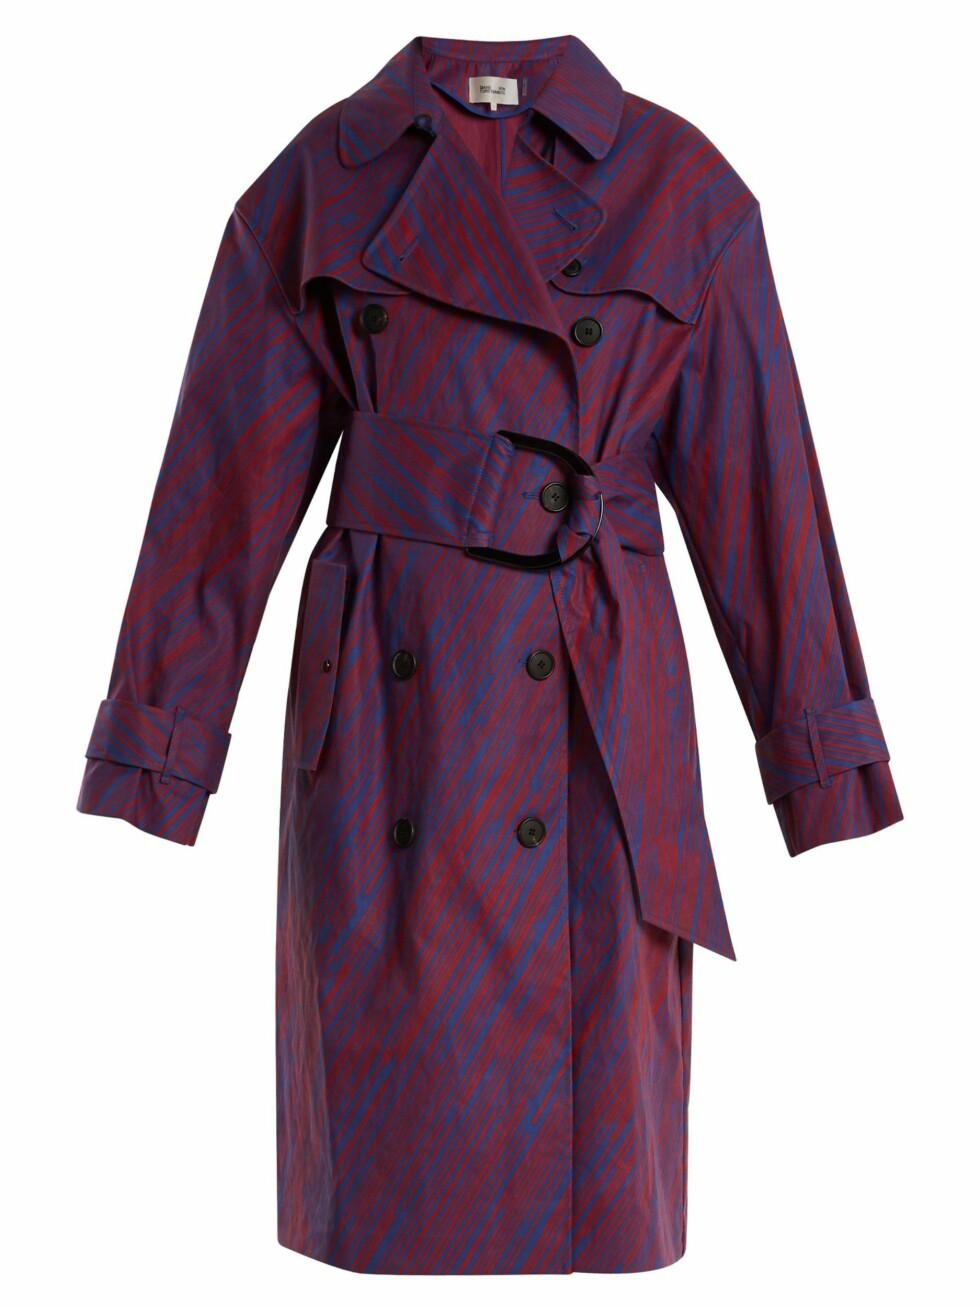 Trenchcoat fra Diane von Furstenberg |3100,-| https://www.matchesfashion.com/intl/products/Diane-Von-Furstenberg-Visconti-print-cotton-blend-trench-coat-1167448